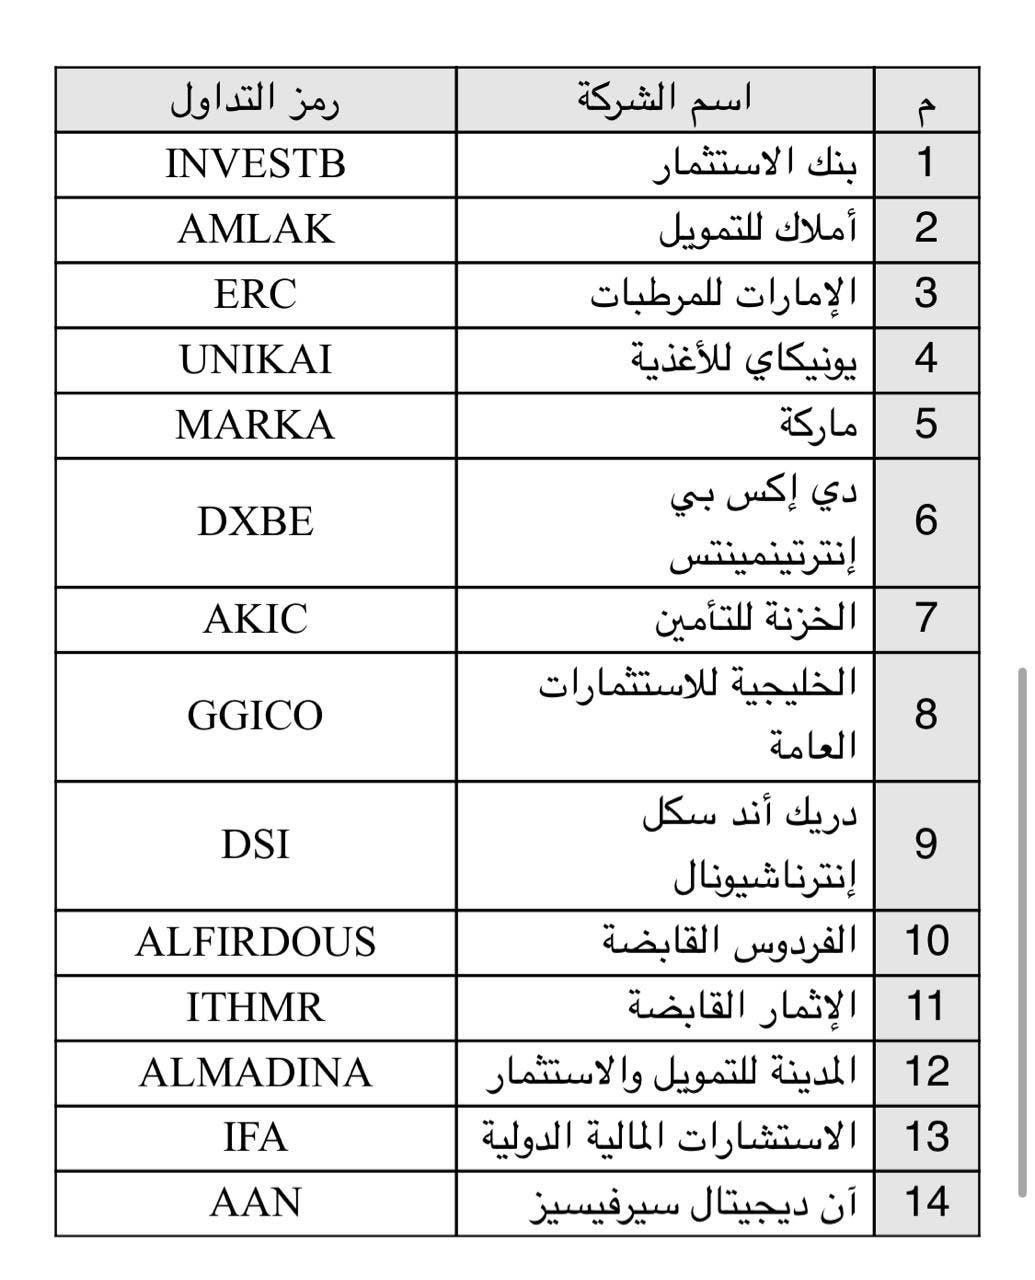 شركات إماراتية